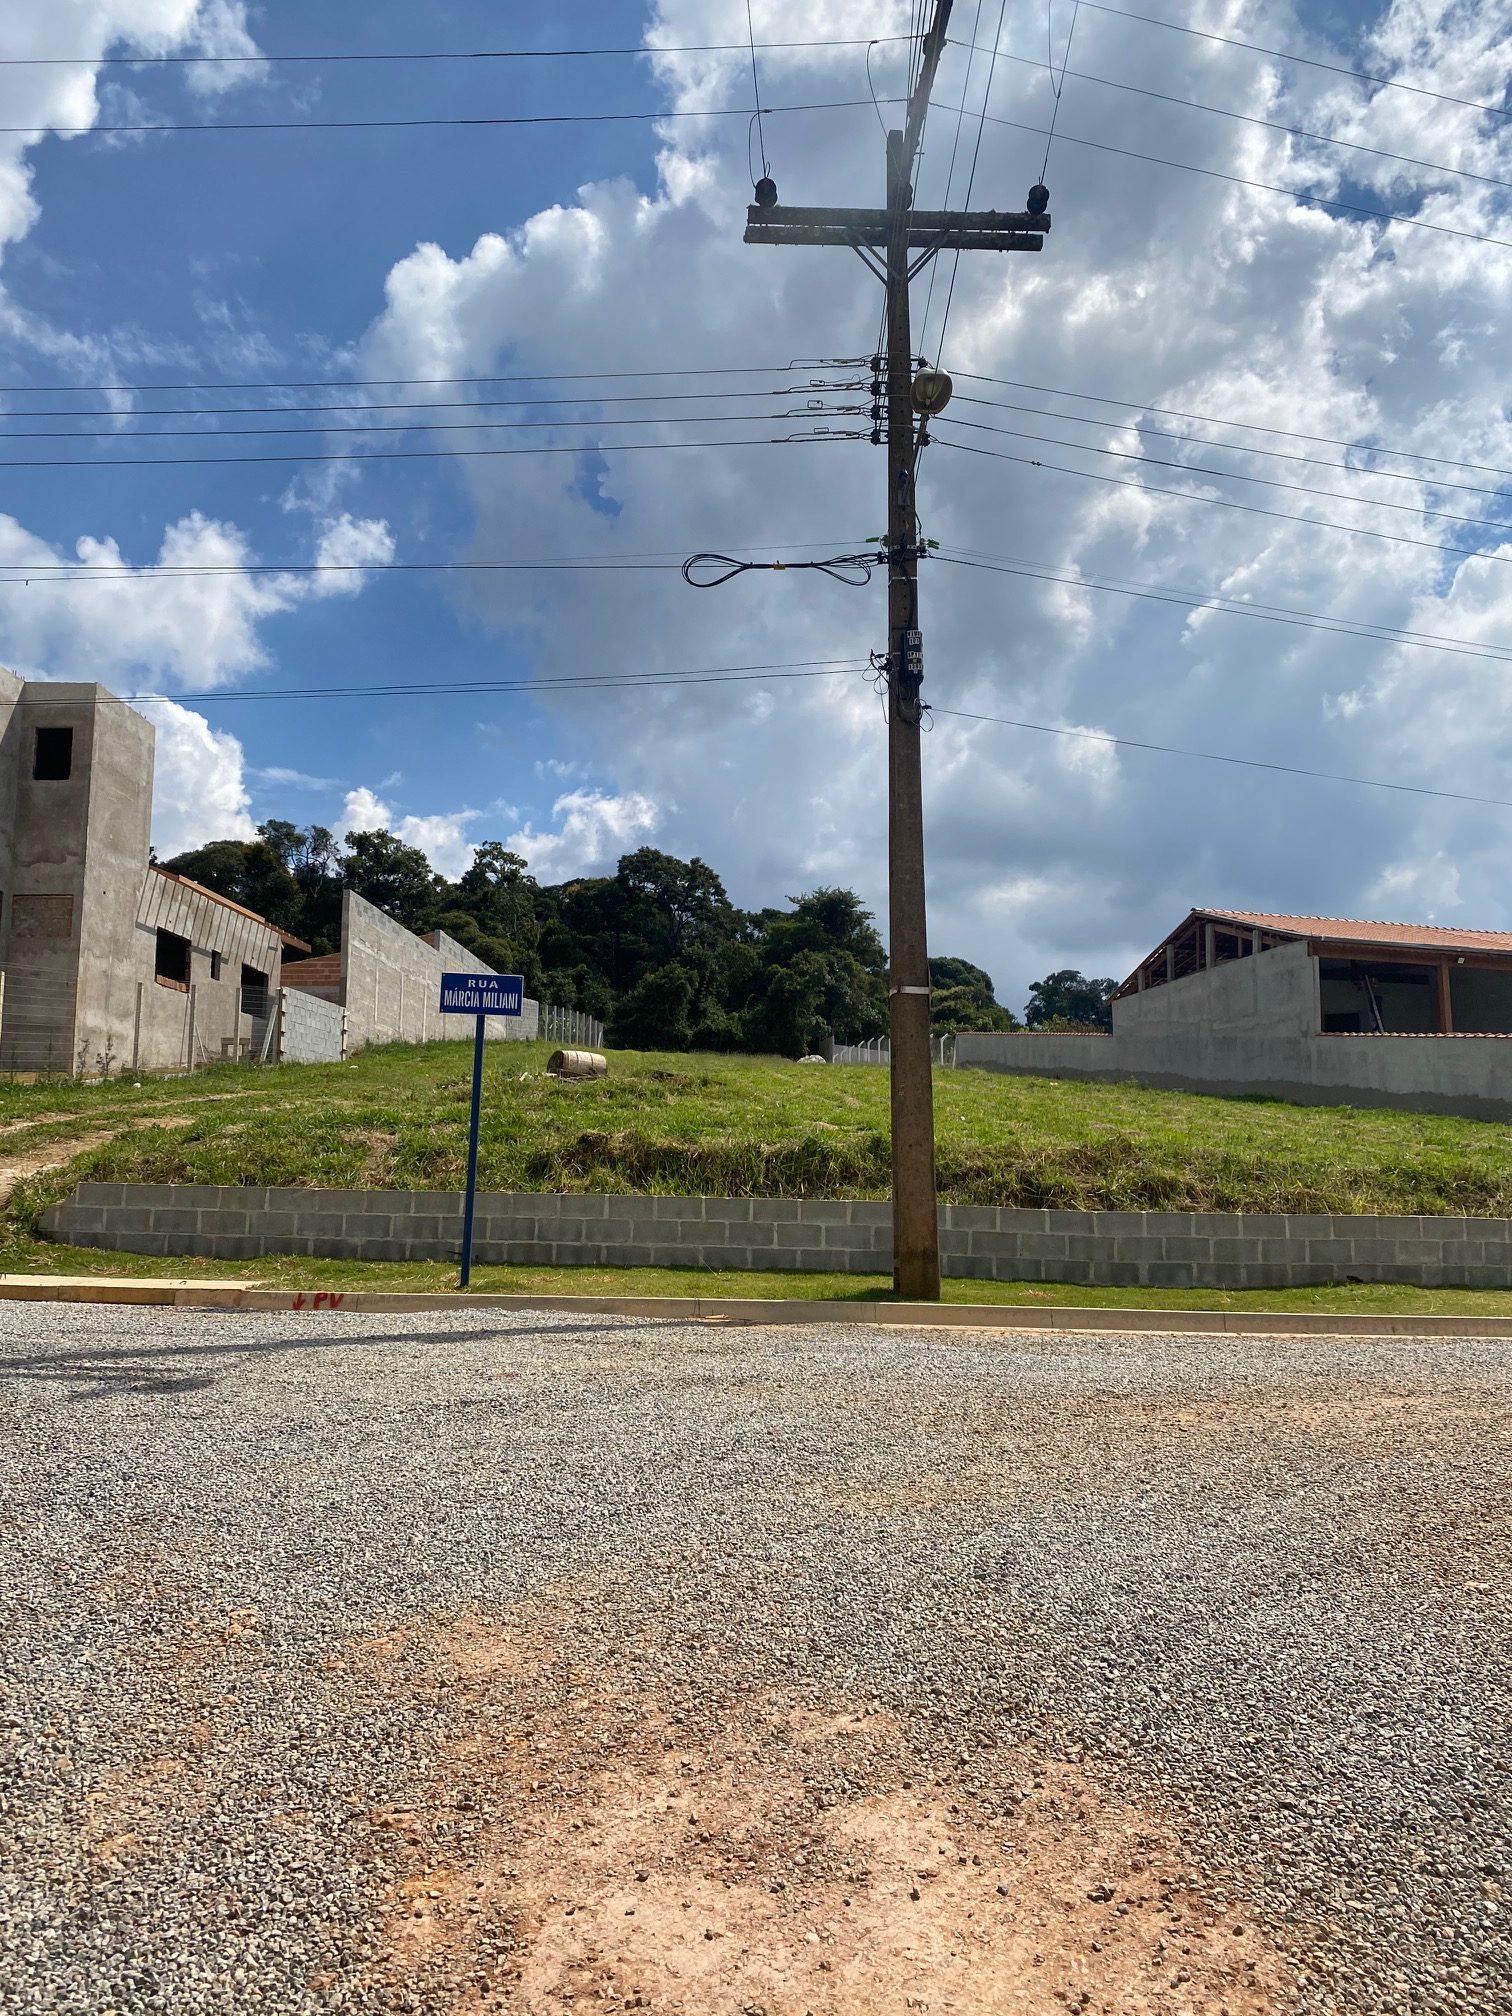 Cód 443T - Linda Chácara em CondomÍnio Fechado ( ALTO DA BOA VISTA ), com 2.000,38 m2.